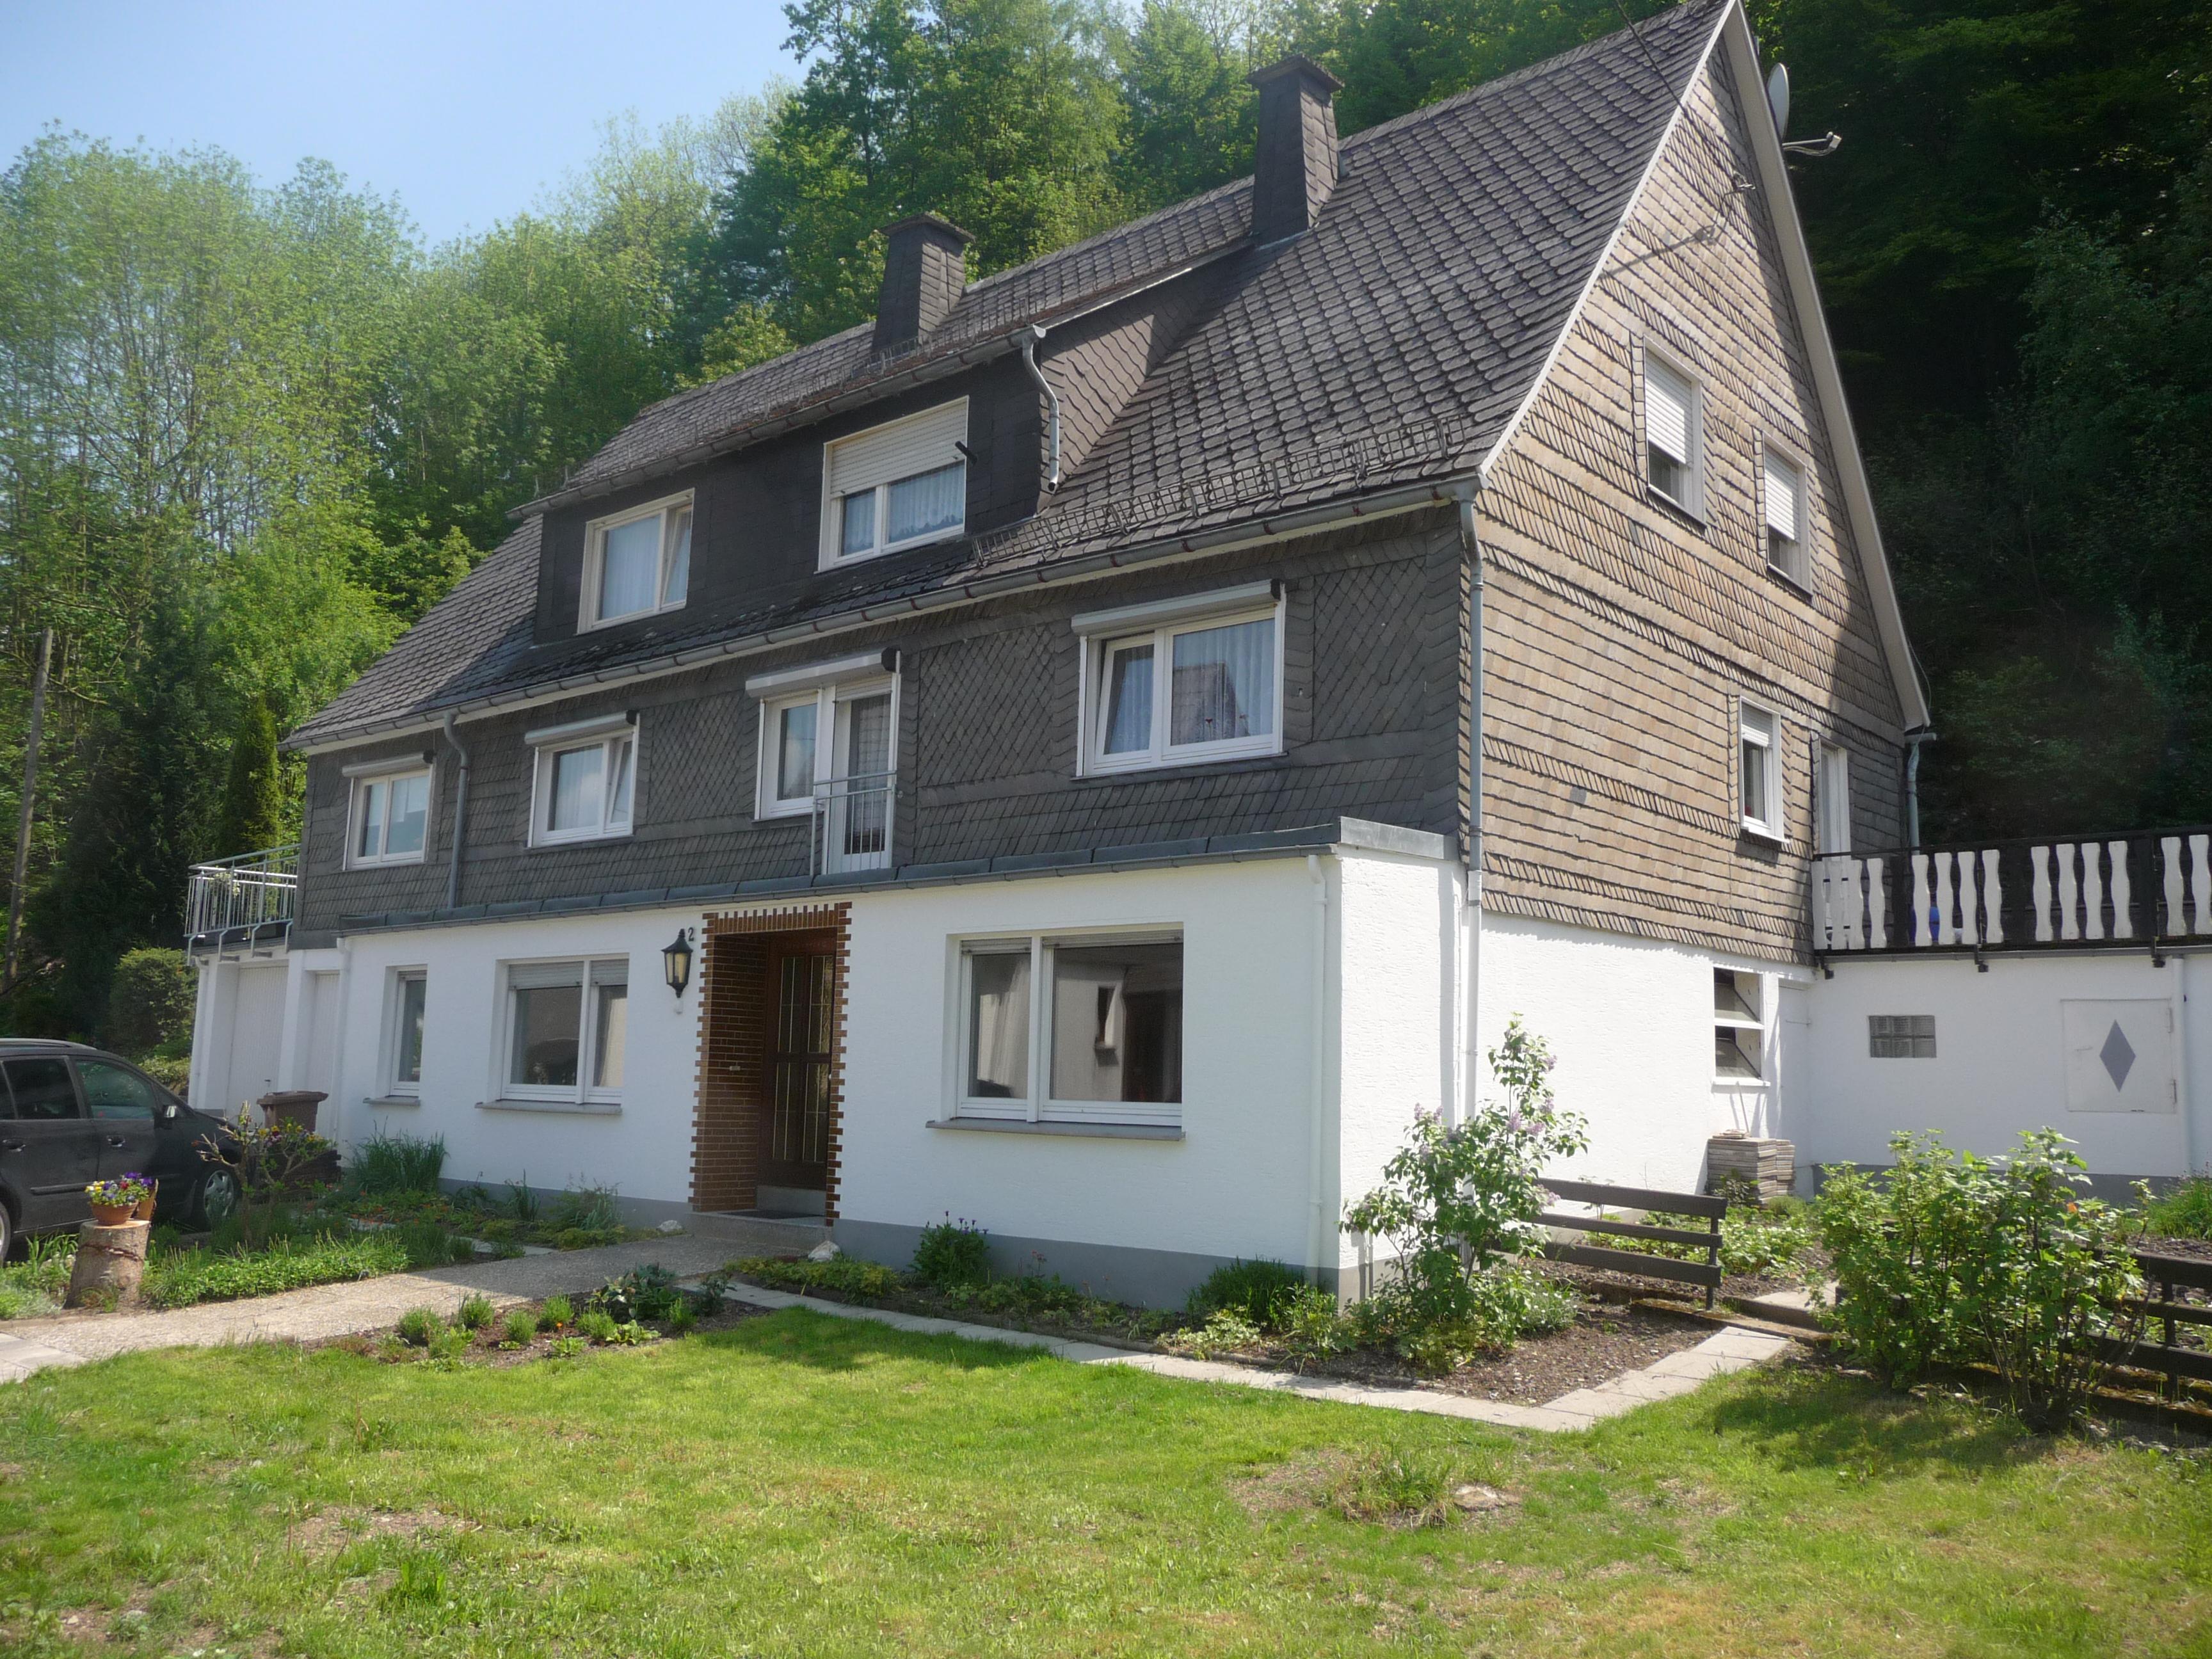 Op zoek naar een vakantiewoning in het Sauerland? Ook dan zit u bij ons goed. Wij beschikken over 2 appartementen die u graag bij ons kunt huren